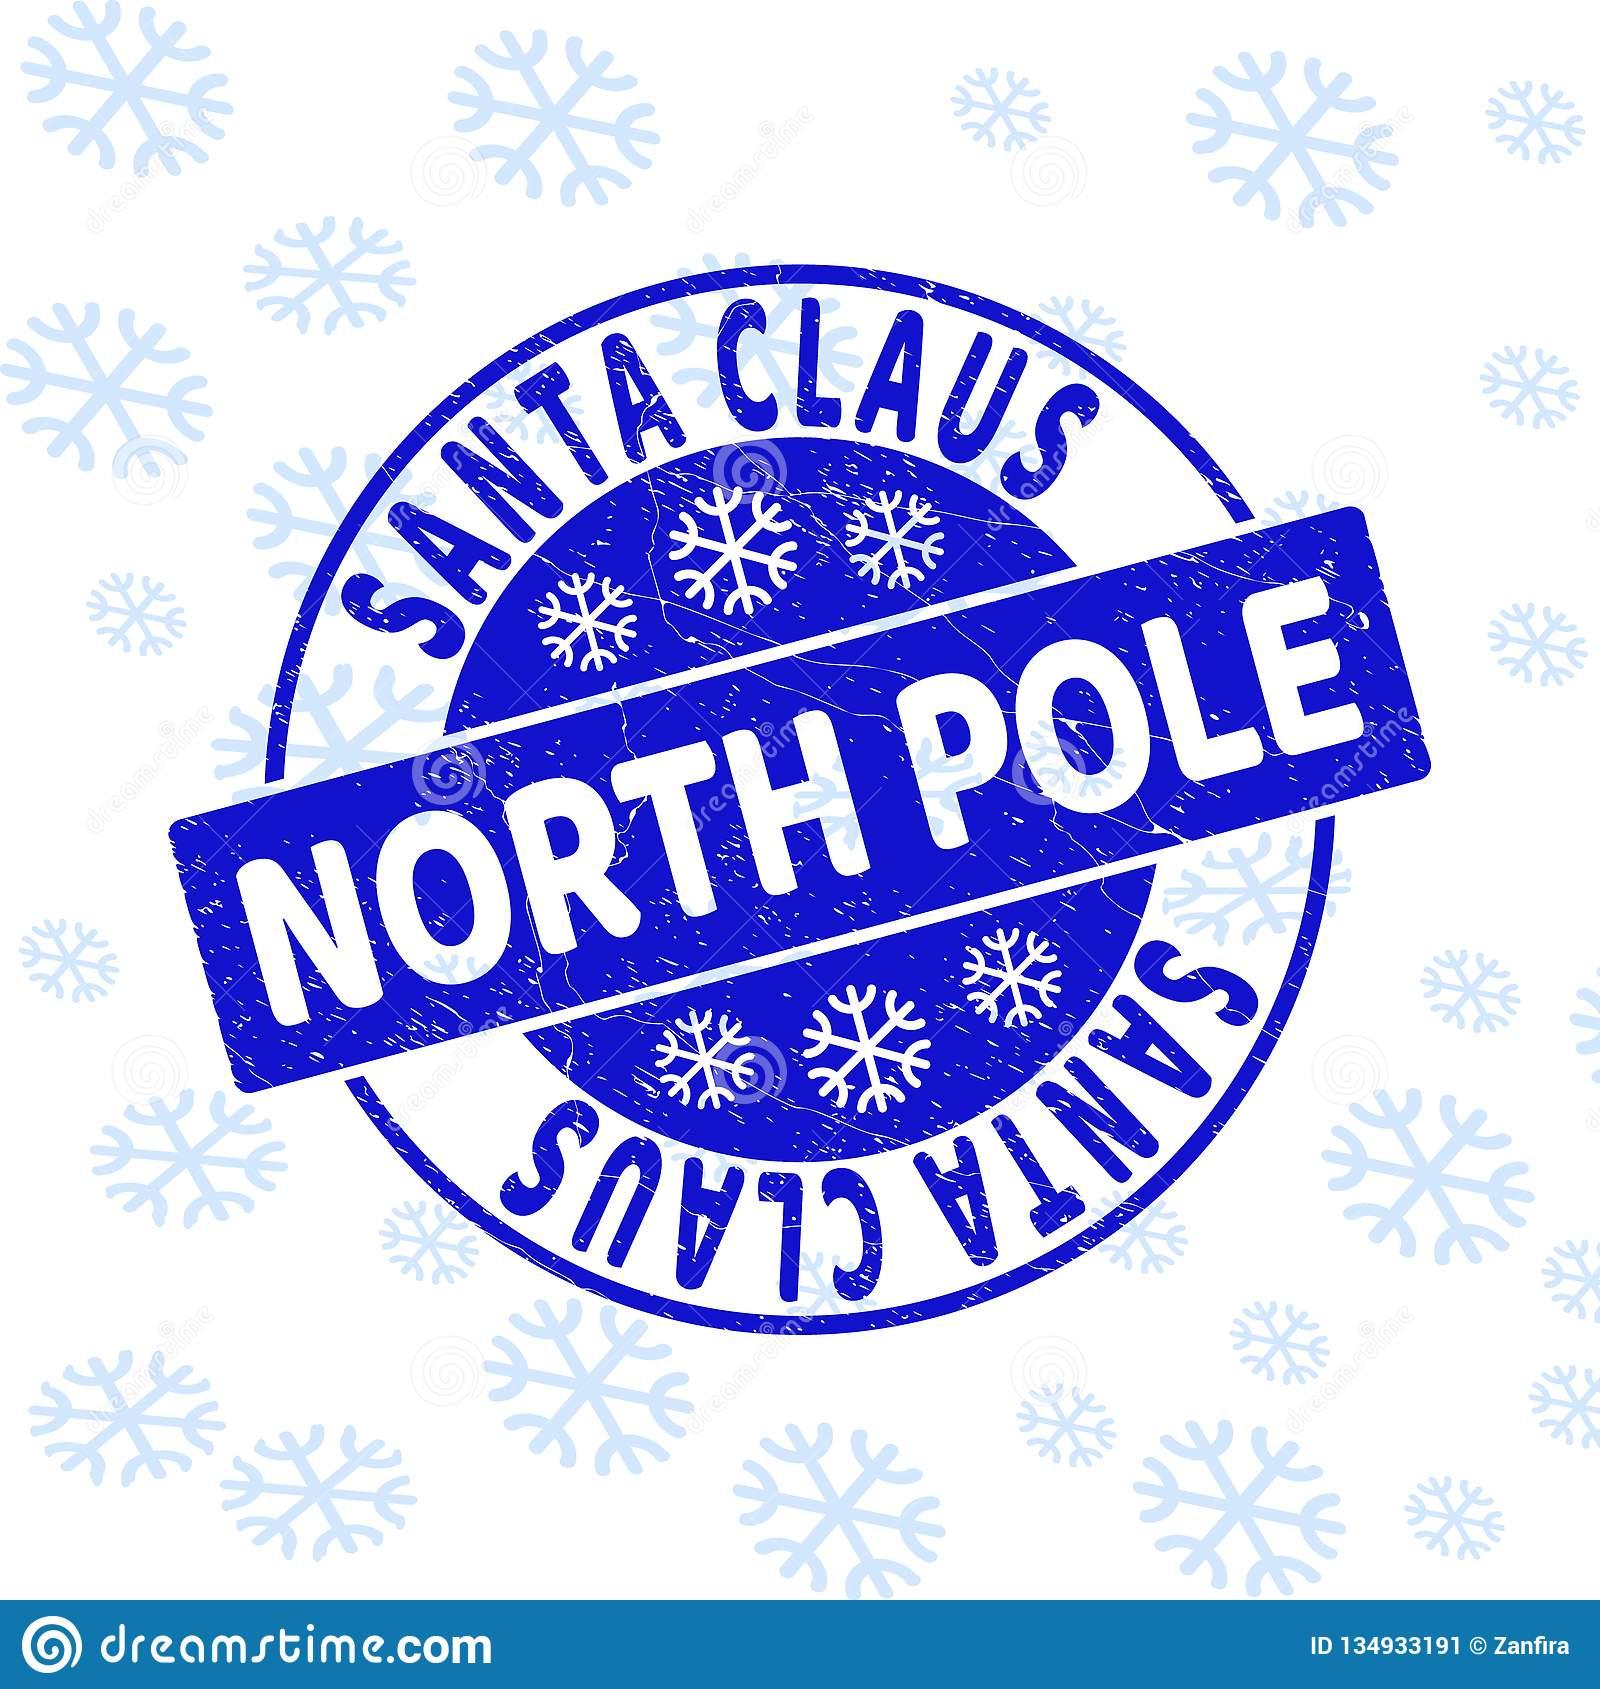 Santa's seal